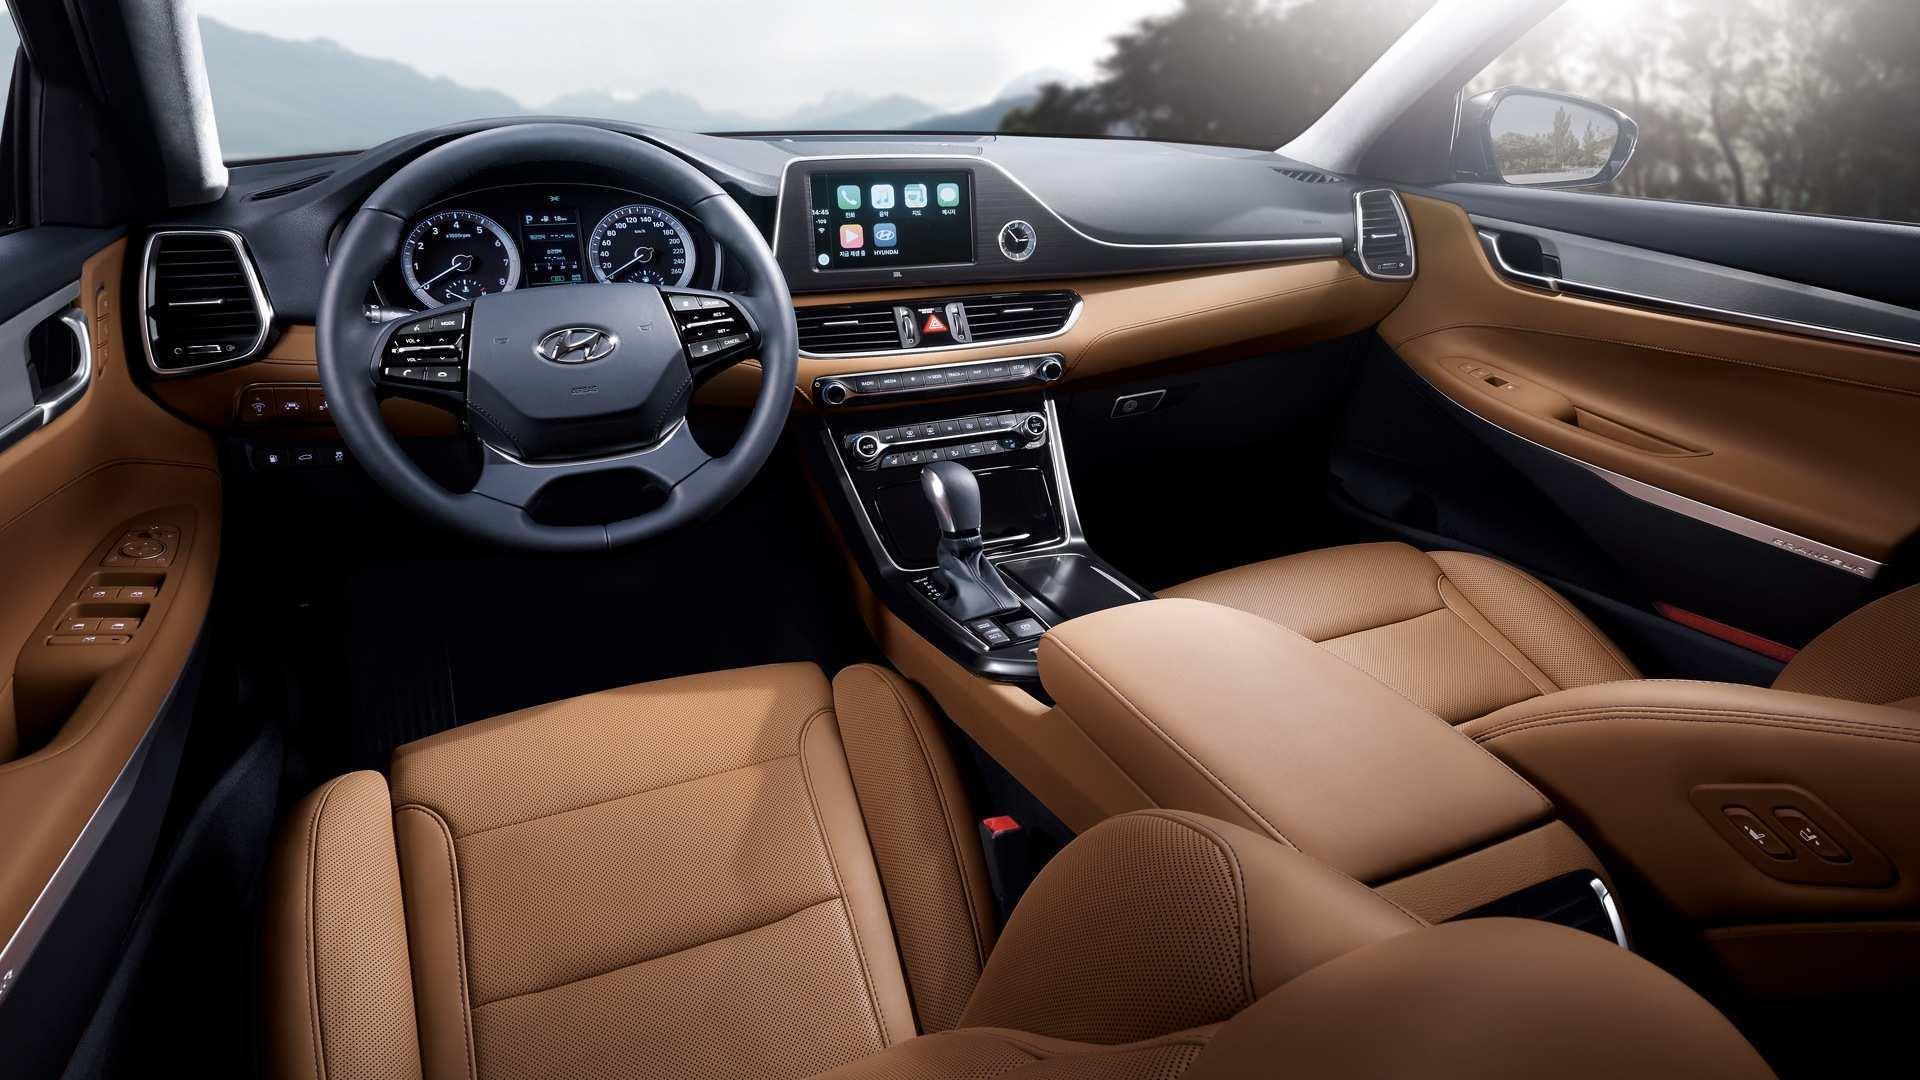 89 Concept of Hyundai Grandeur 2020 Images with Hyundai Grandeur 2020